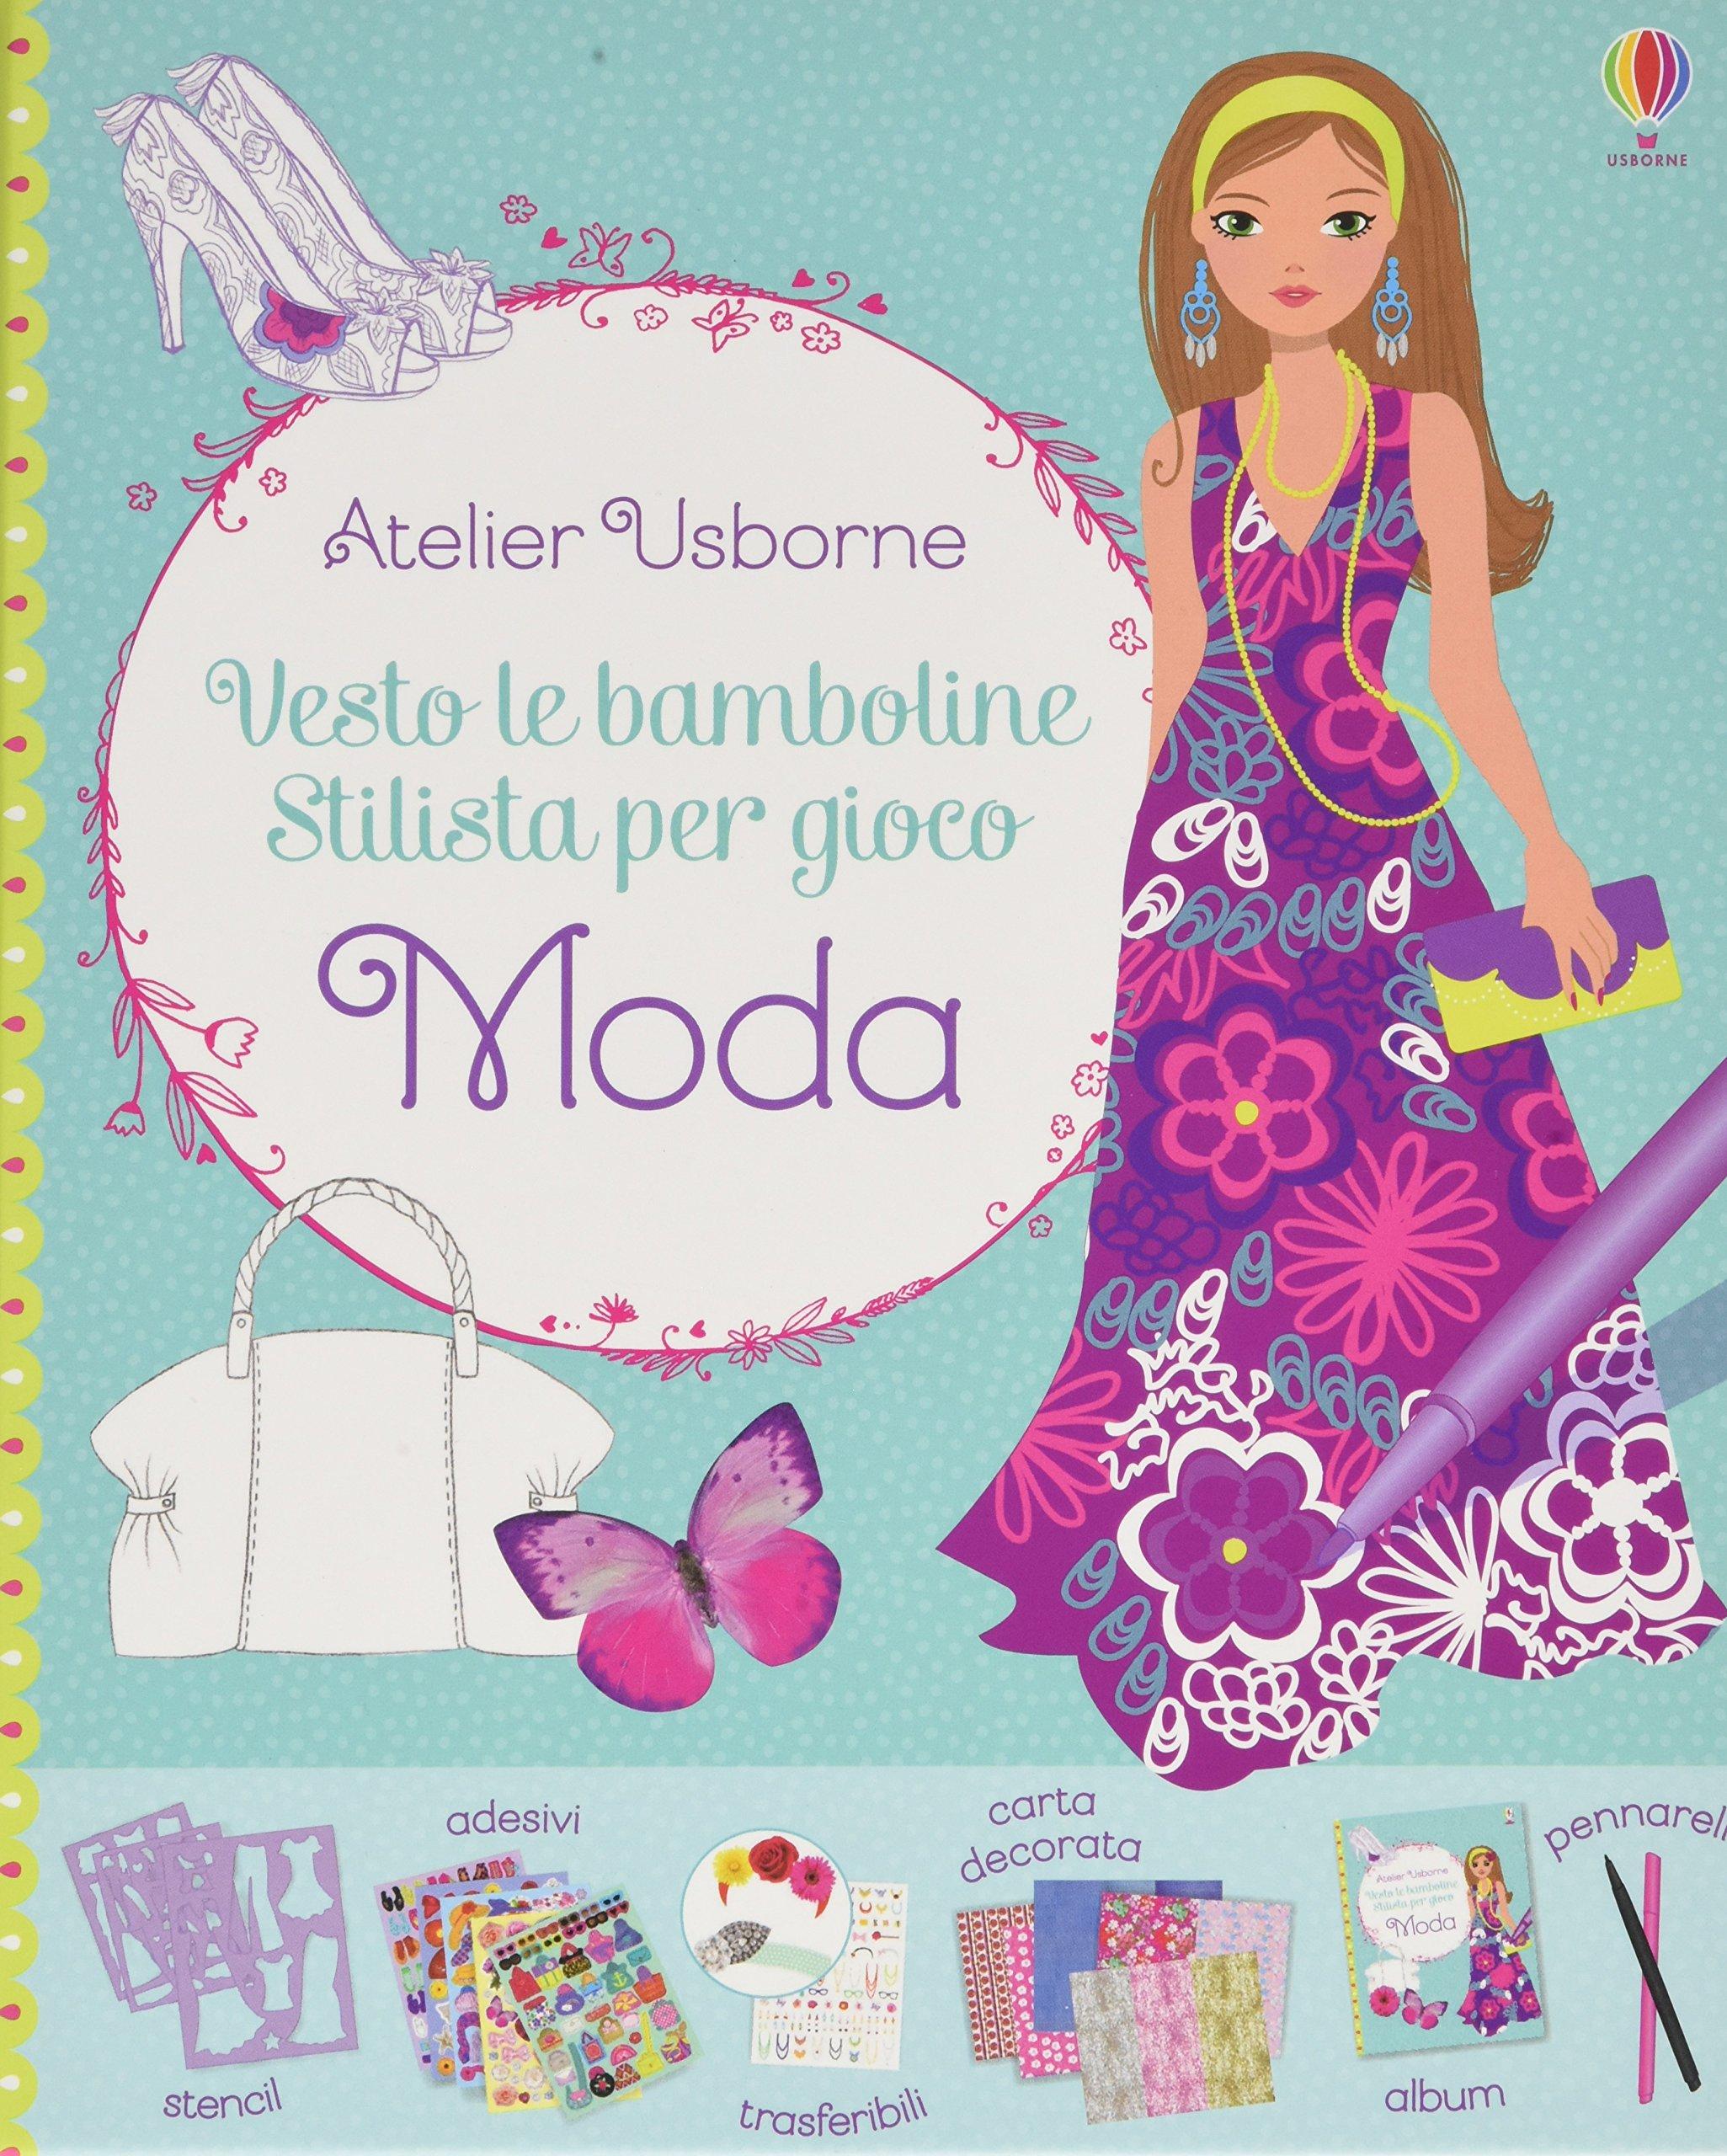 bd8a2a17c2ab Stilista per gioco. Atelier Usborne. Vesto le bamboline. Con adesivi. Ediz.  illustrata: Amazon.it: Fiona Watt, Stella Baggott, Antonia Miller, ...